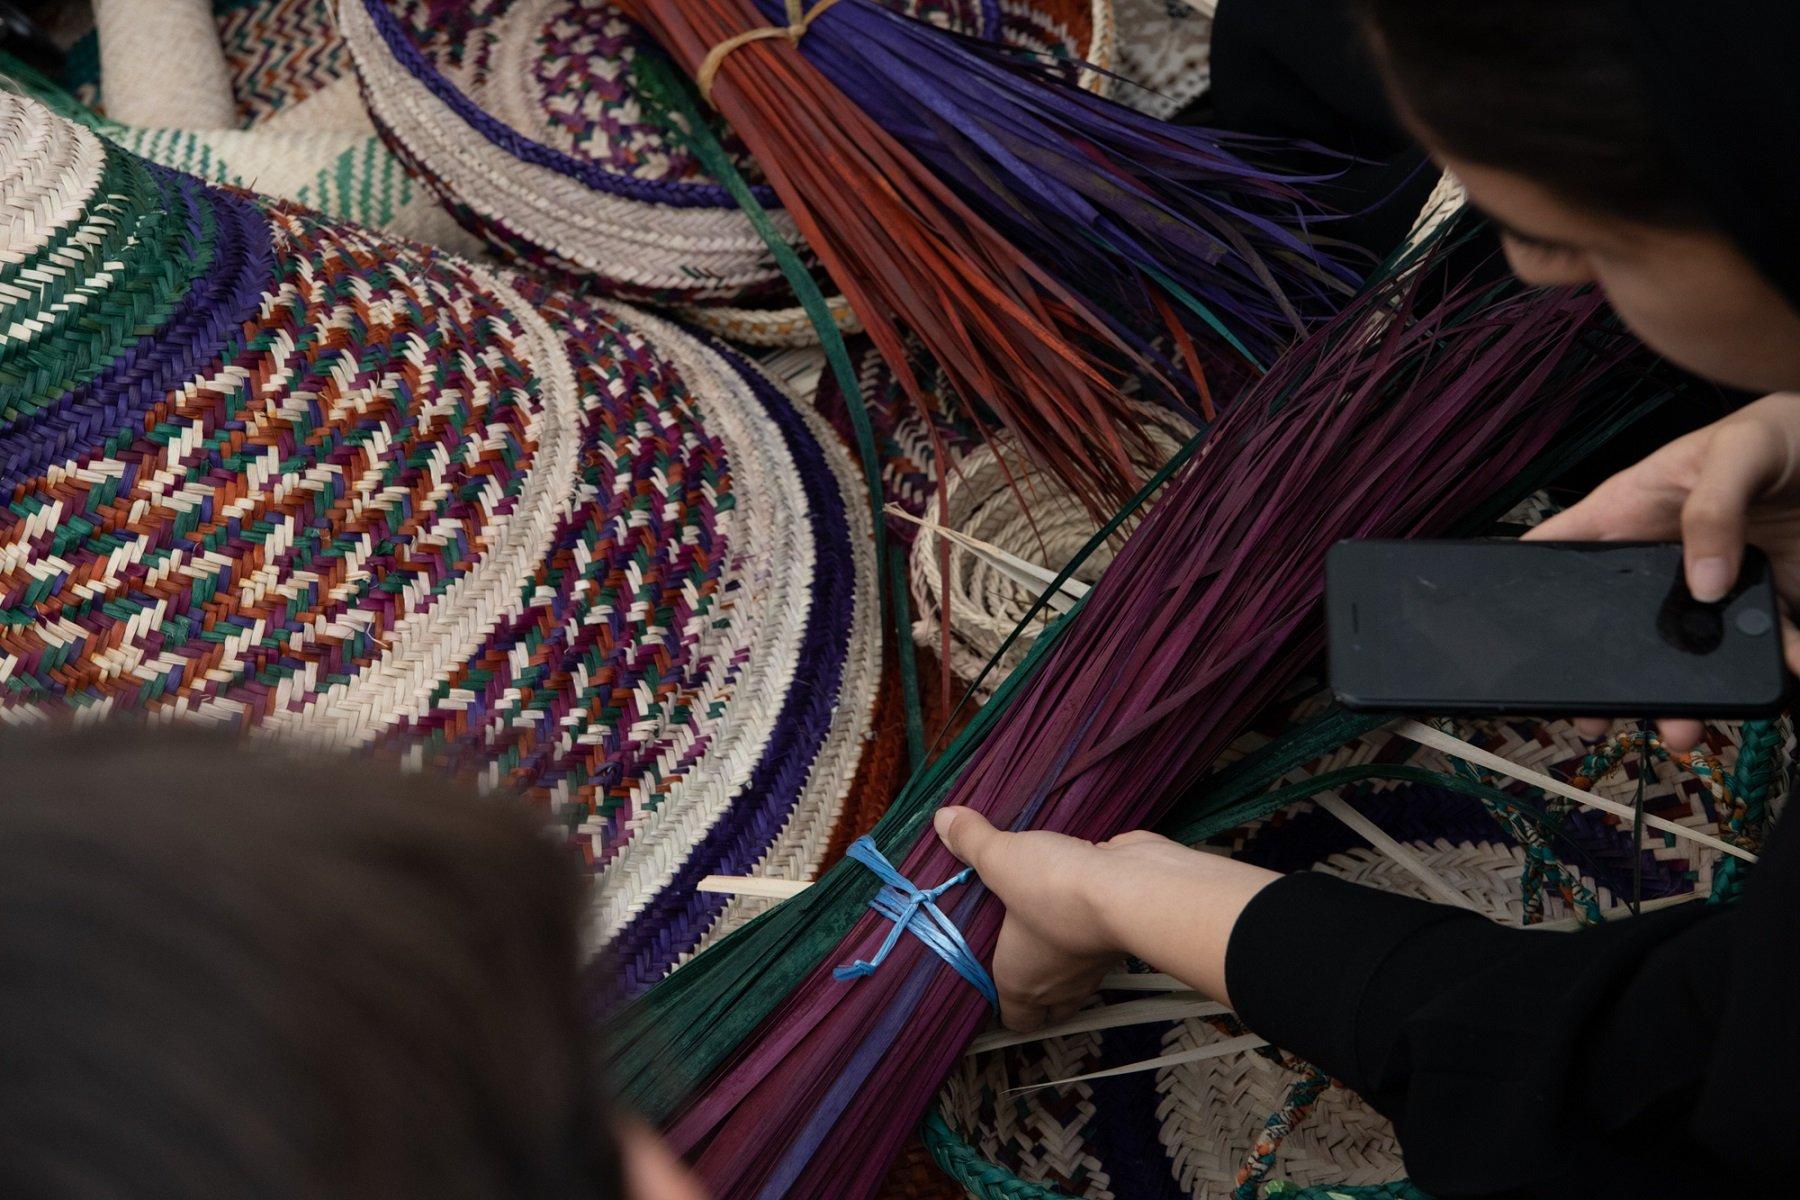 """""""إرثي للحرف المعاصرة"""" يجمع 10 مصممين من الإمارات وإسبانيا وإيطاليا في مشروع """"حوار الحرف"""""""